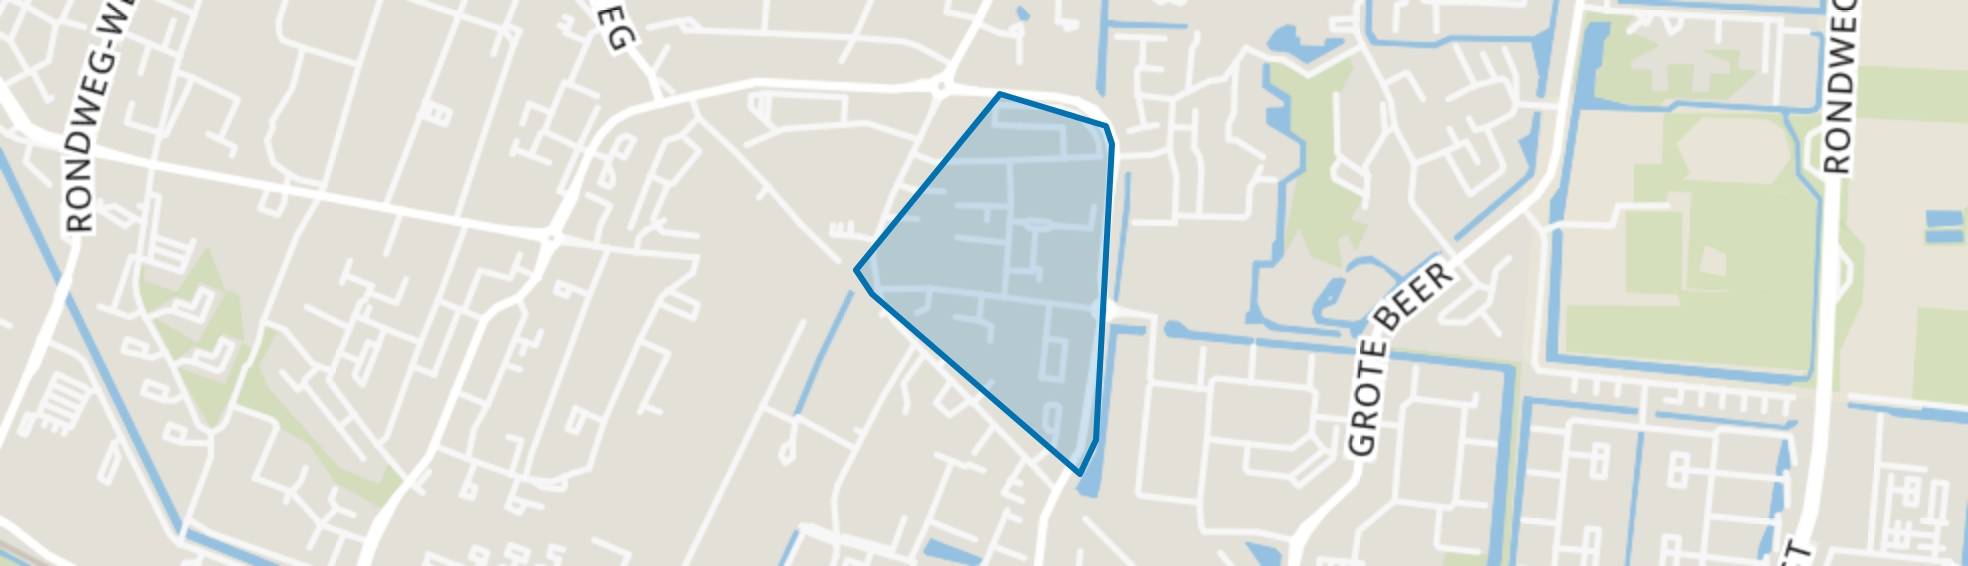 Vijgendam en omgeving, Veenendaal map